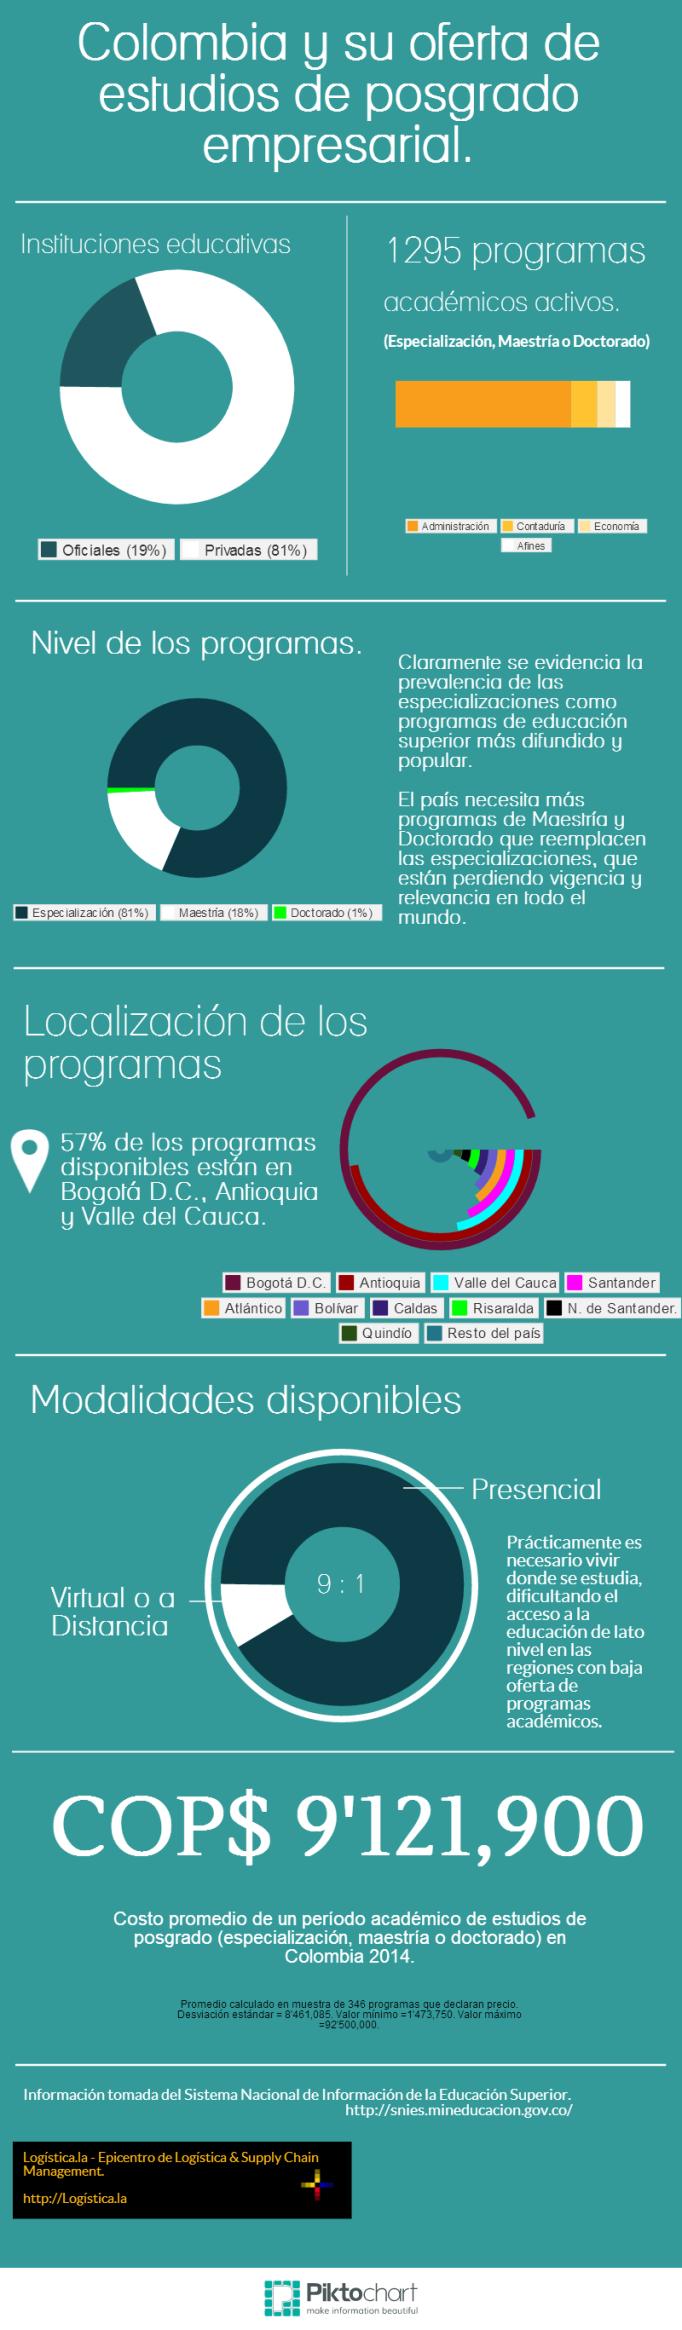 Colombia oferta de estudios posgrado empresarial